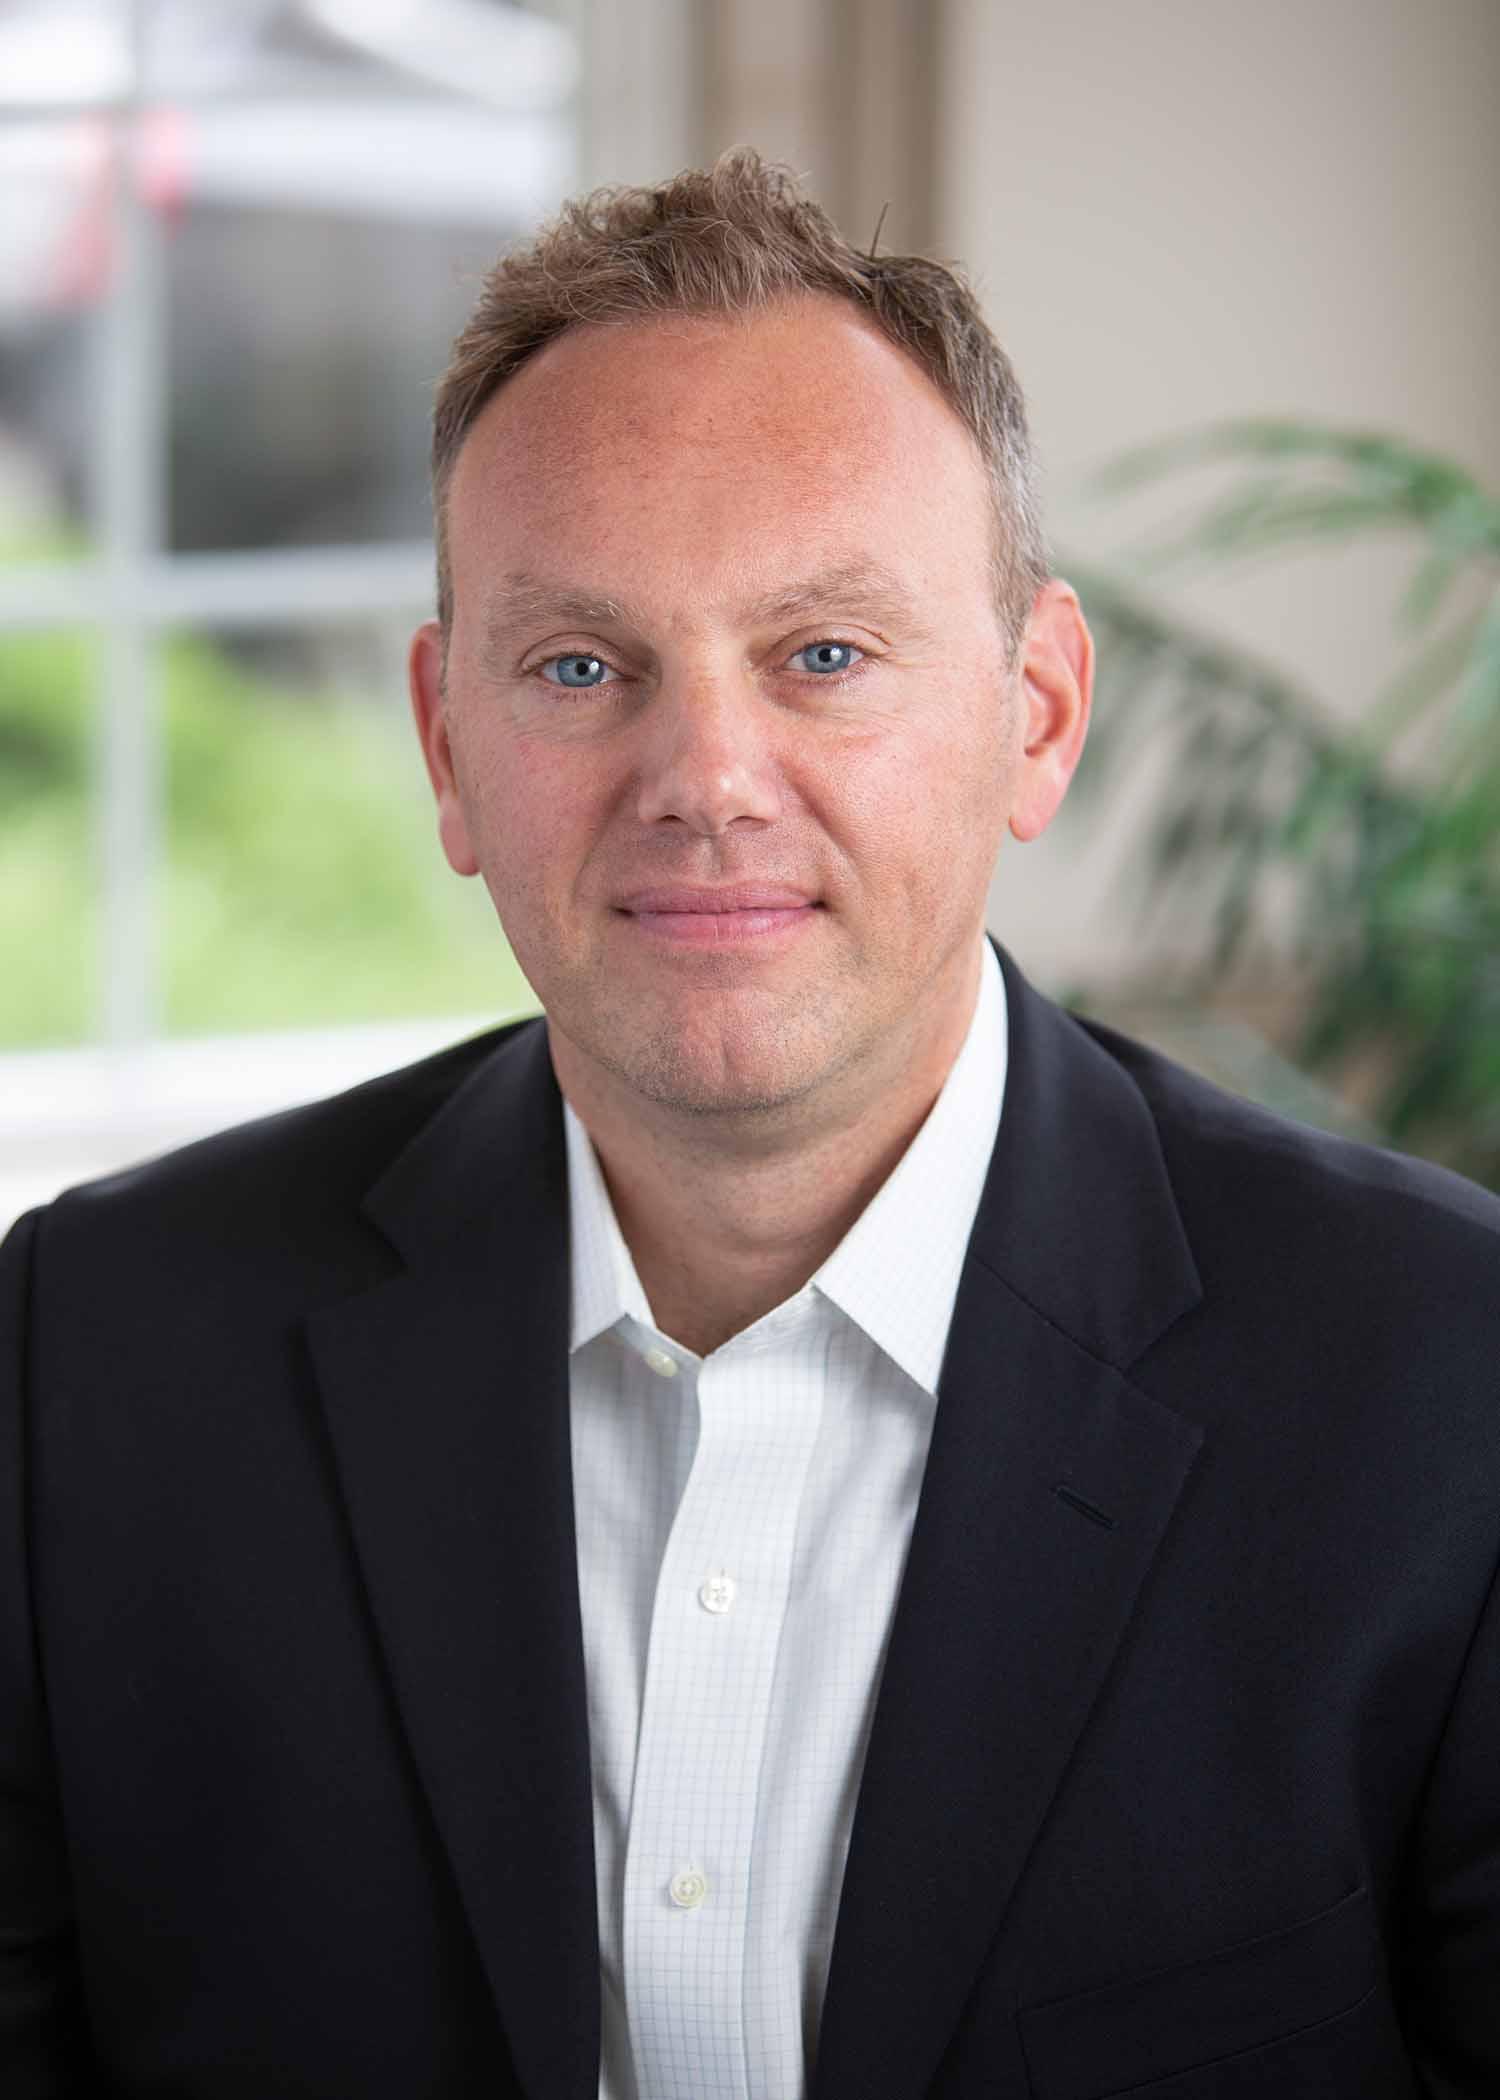 Todd Bochenski